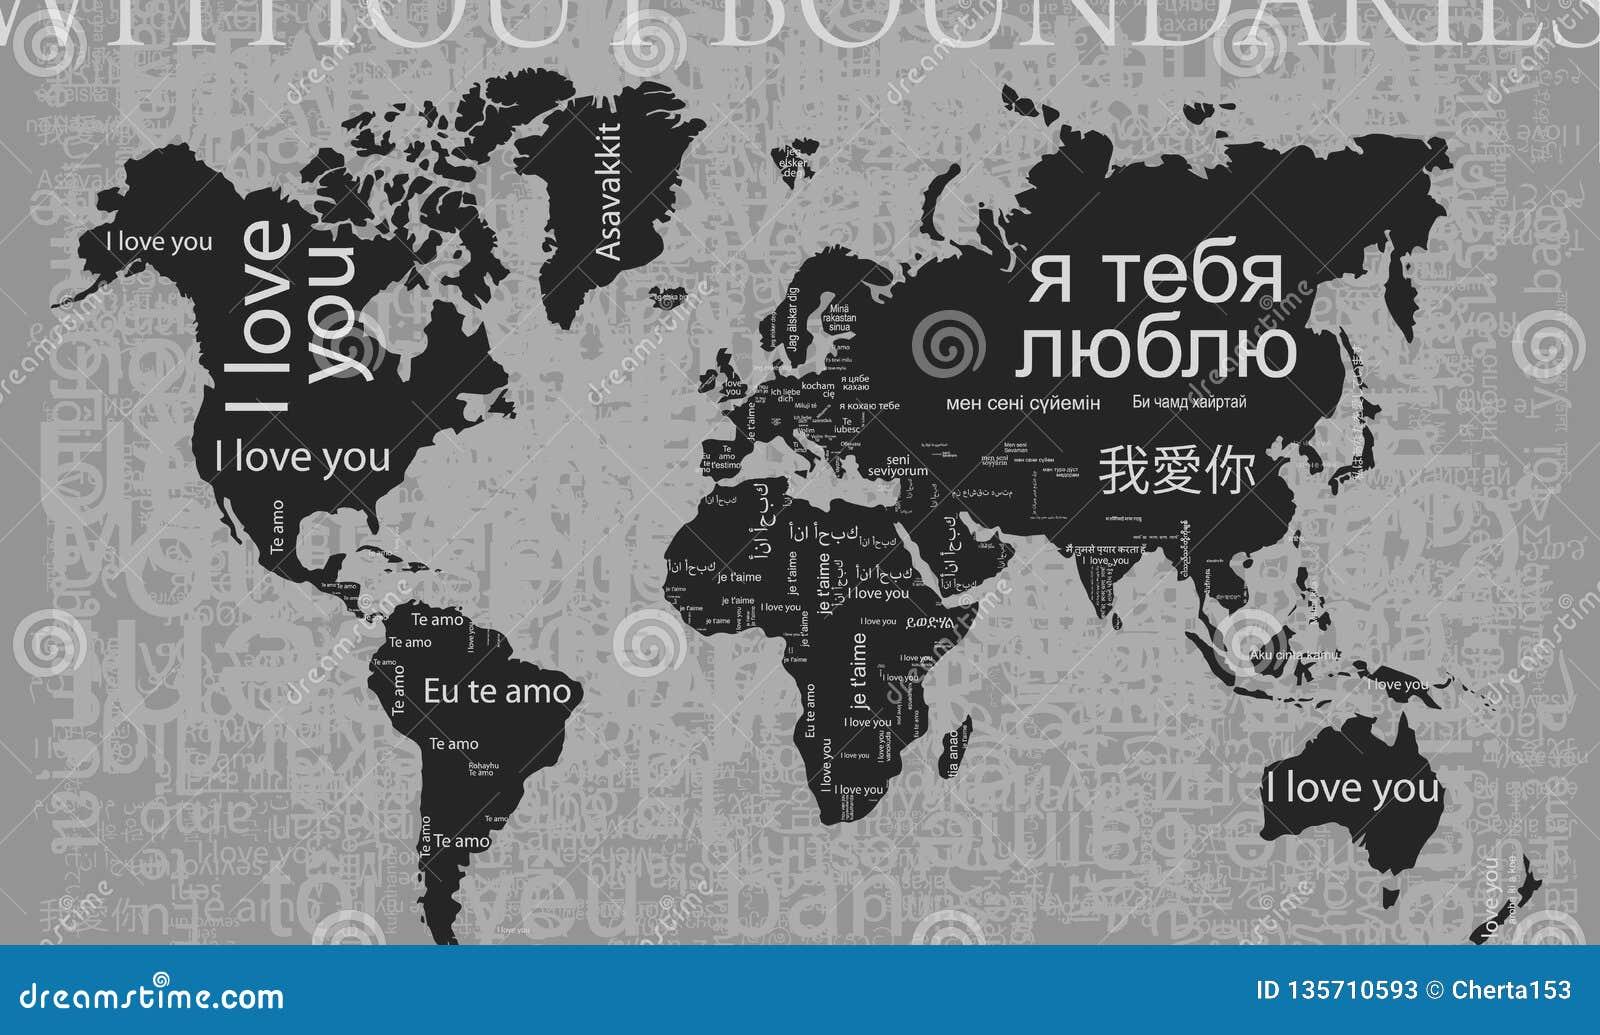 Amo i bounderies di You_without Ciò è una mappa dell espressione ti amo